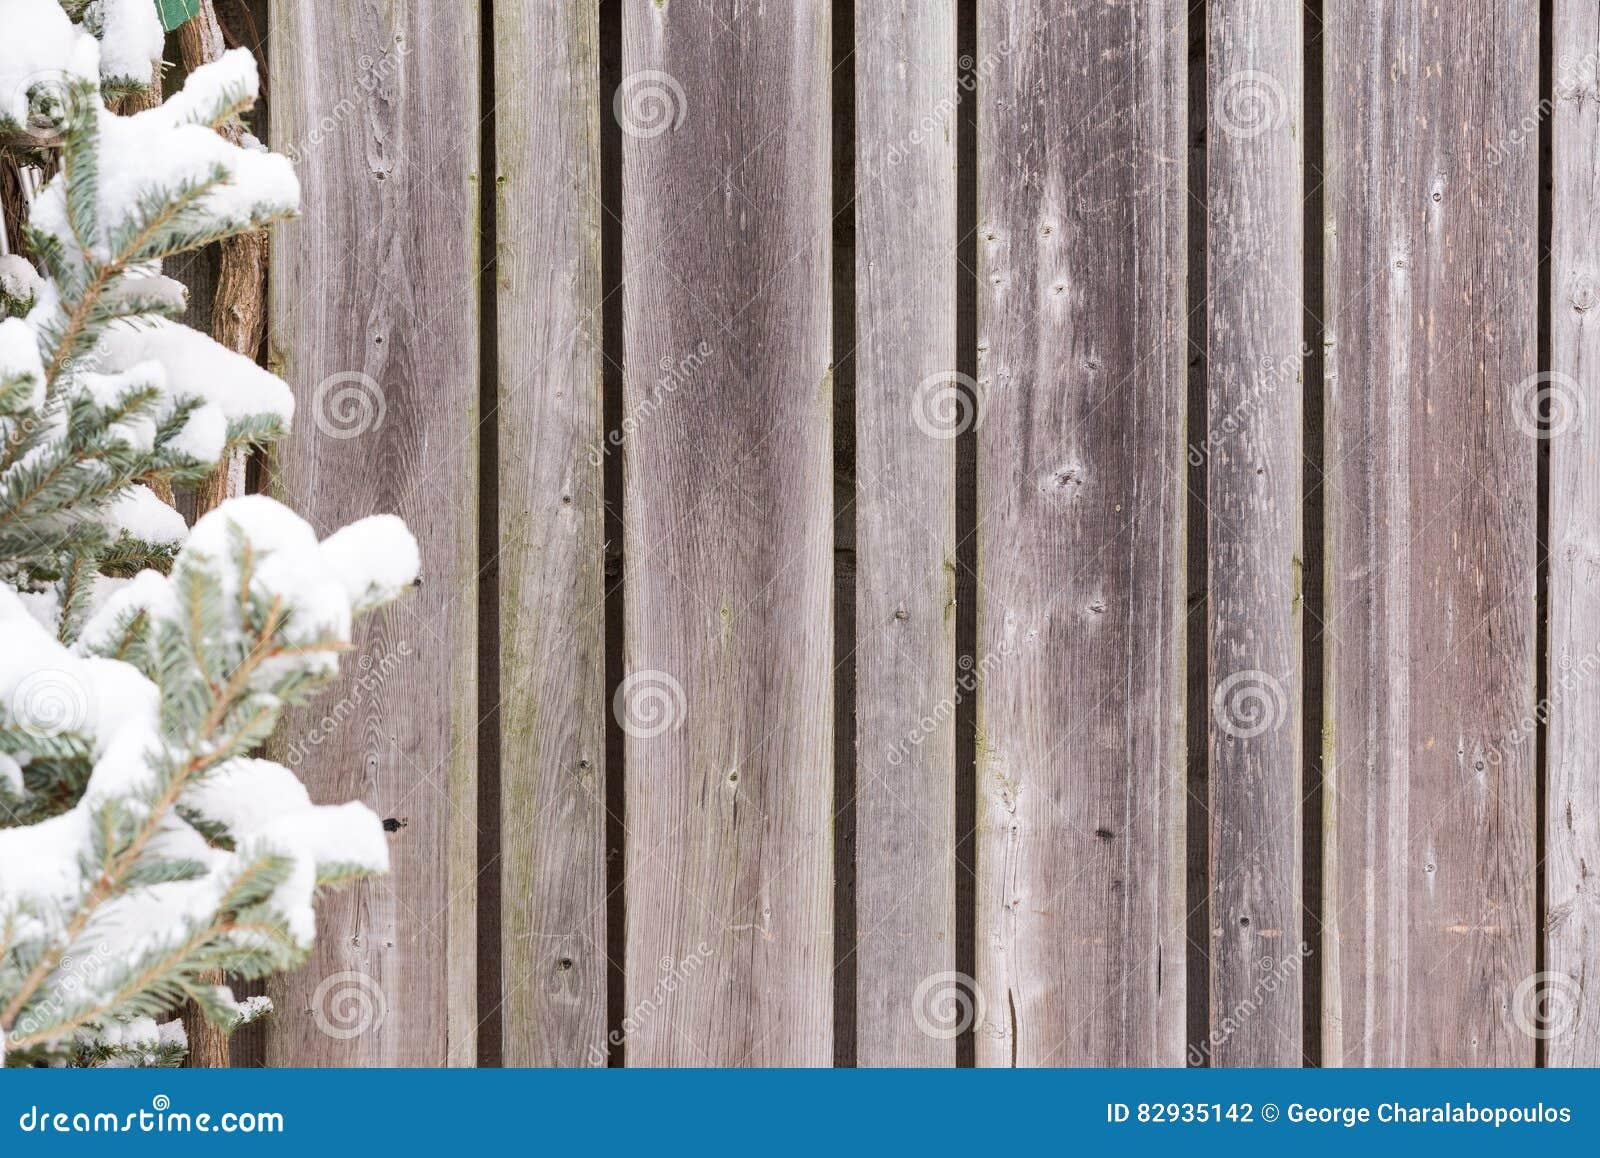 Weathered Wood Fence Winter Background Stock Photo Image Of